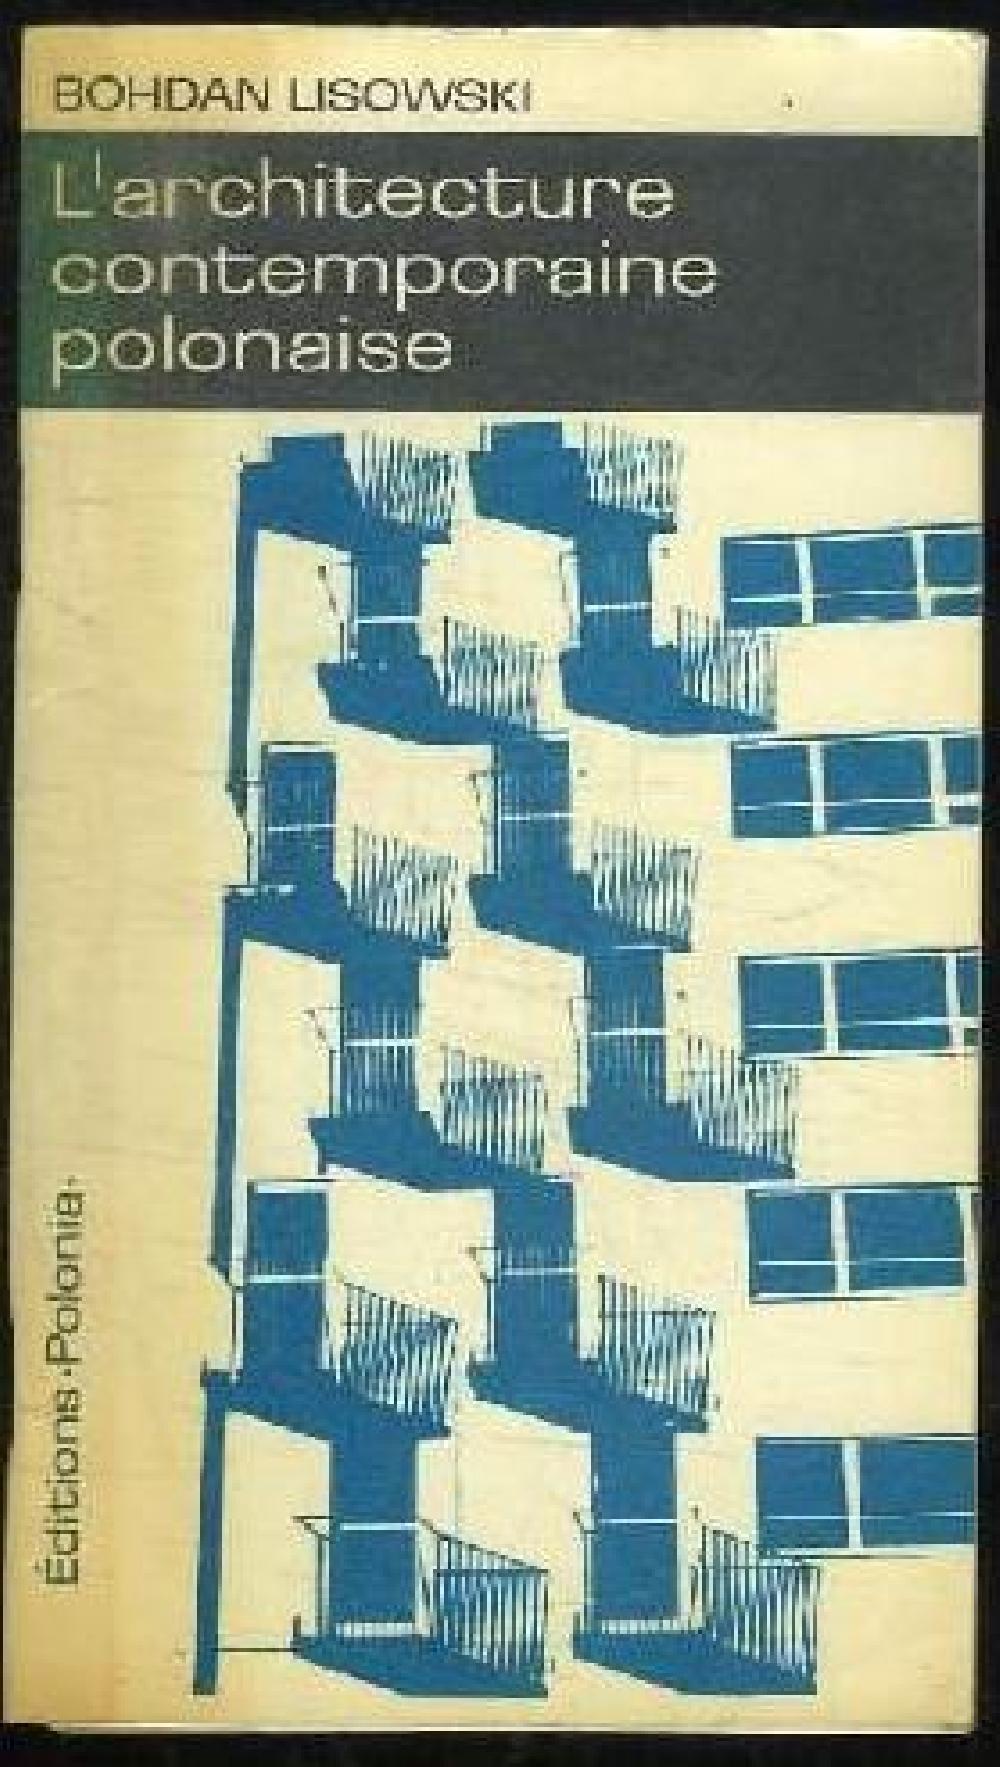 L'architecture contemporaine polonaise